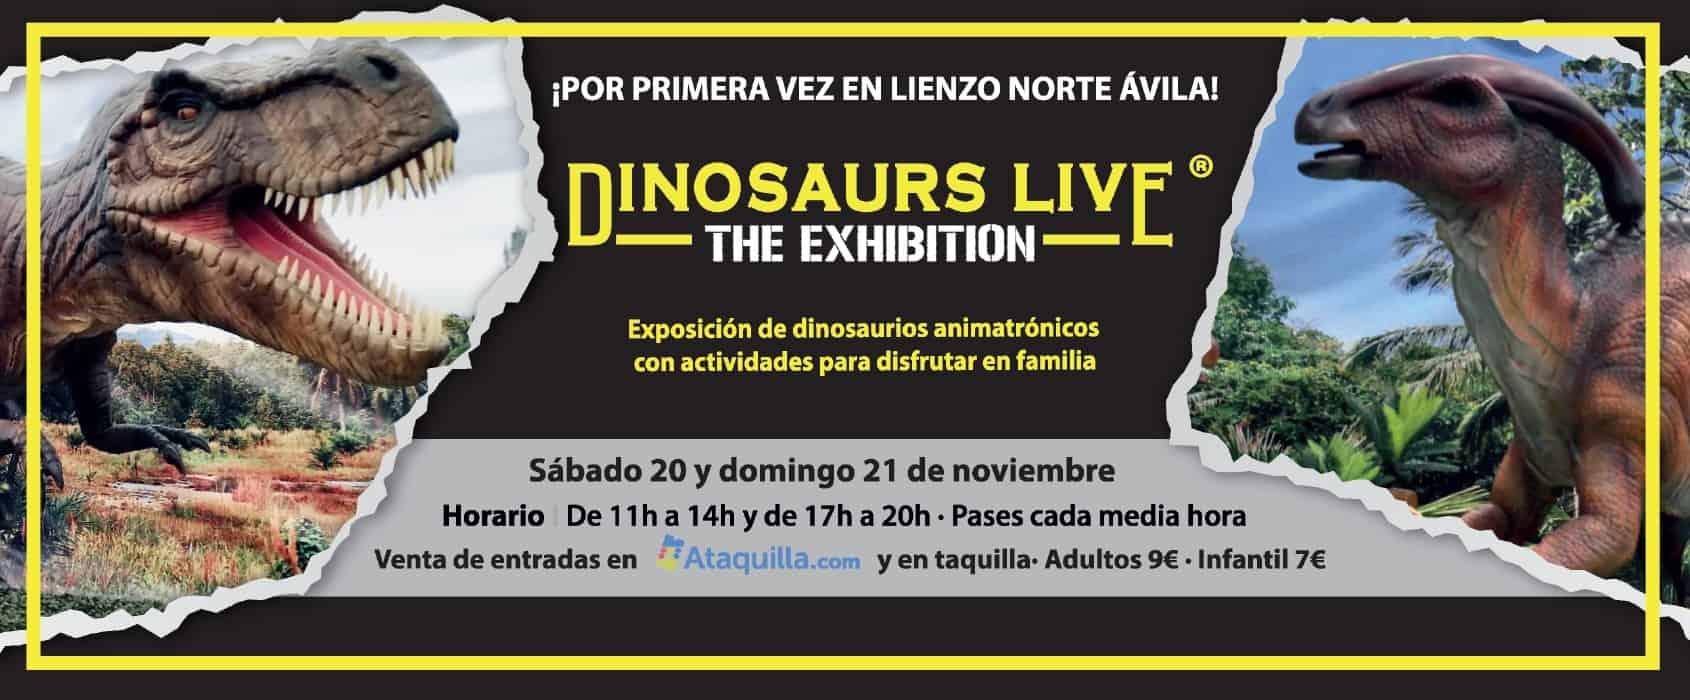 EXPO DINOSAURIOS AVILA